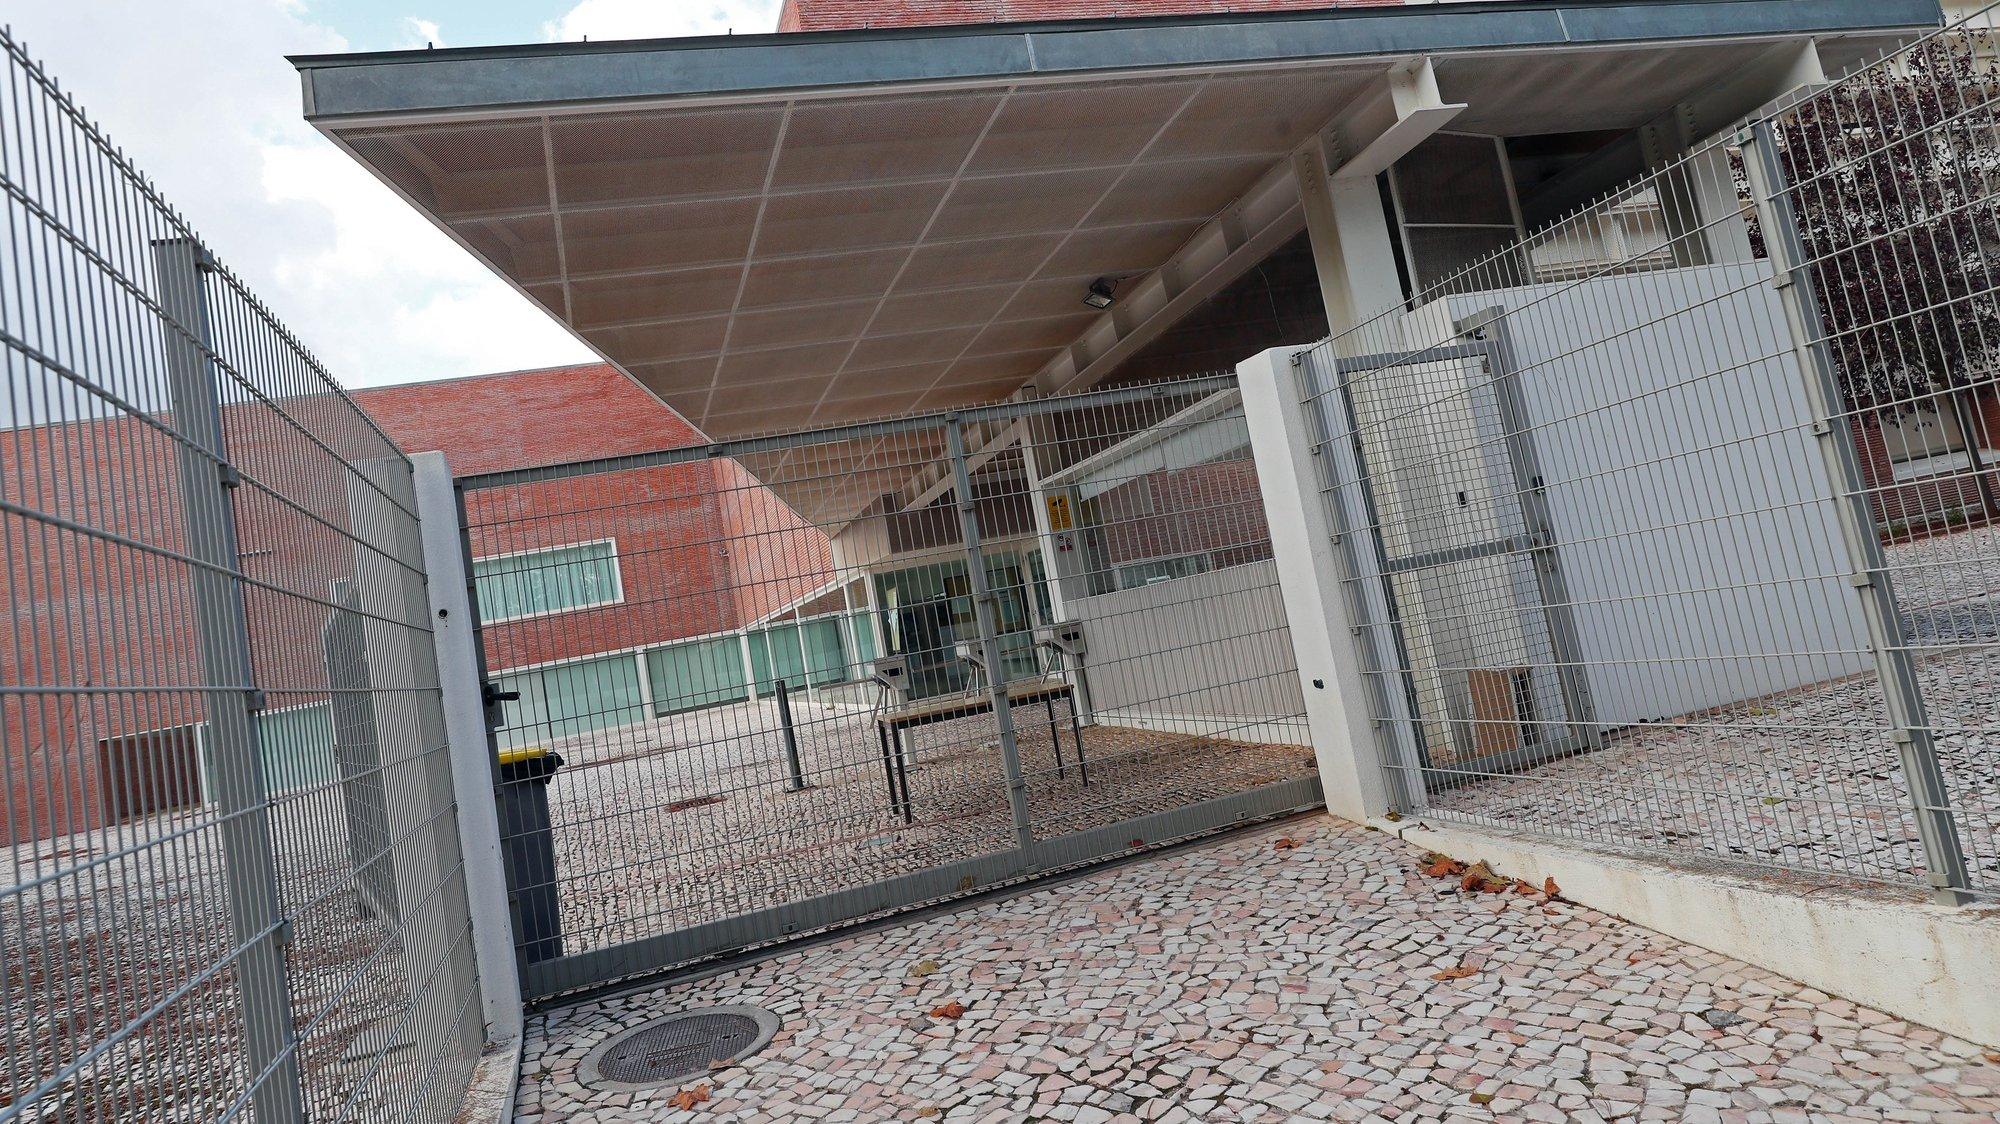 Entrada da Escola Secundária Públia Hortência de Castro, um dos estabelecimentos de ensino encerrados hoje em Vila Viçosa e no vizinho concelho de Borba, devido ao aumento de casos de covid-19 nas comunidades, em Vila Viçosa, 23 de outubro de 2020. NUNO VEIGA/LUSA